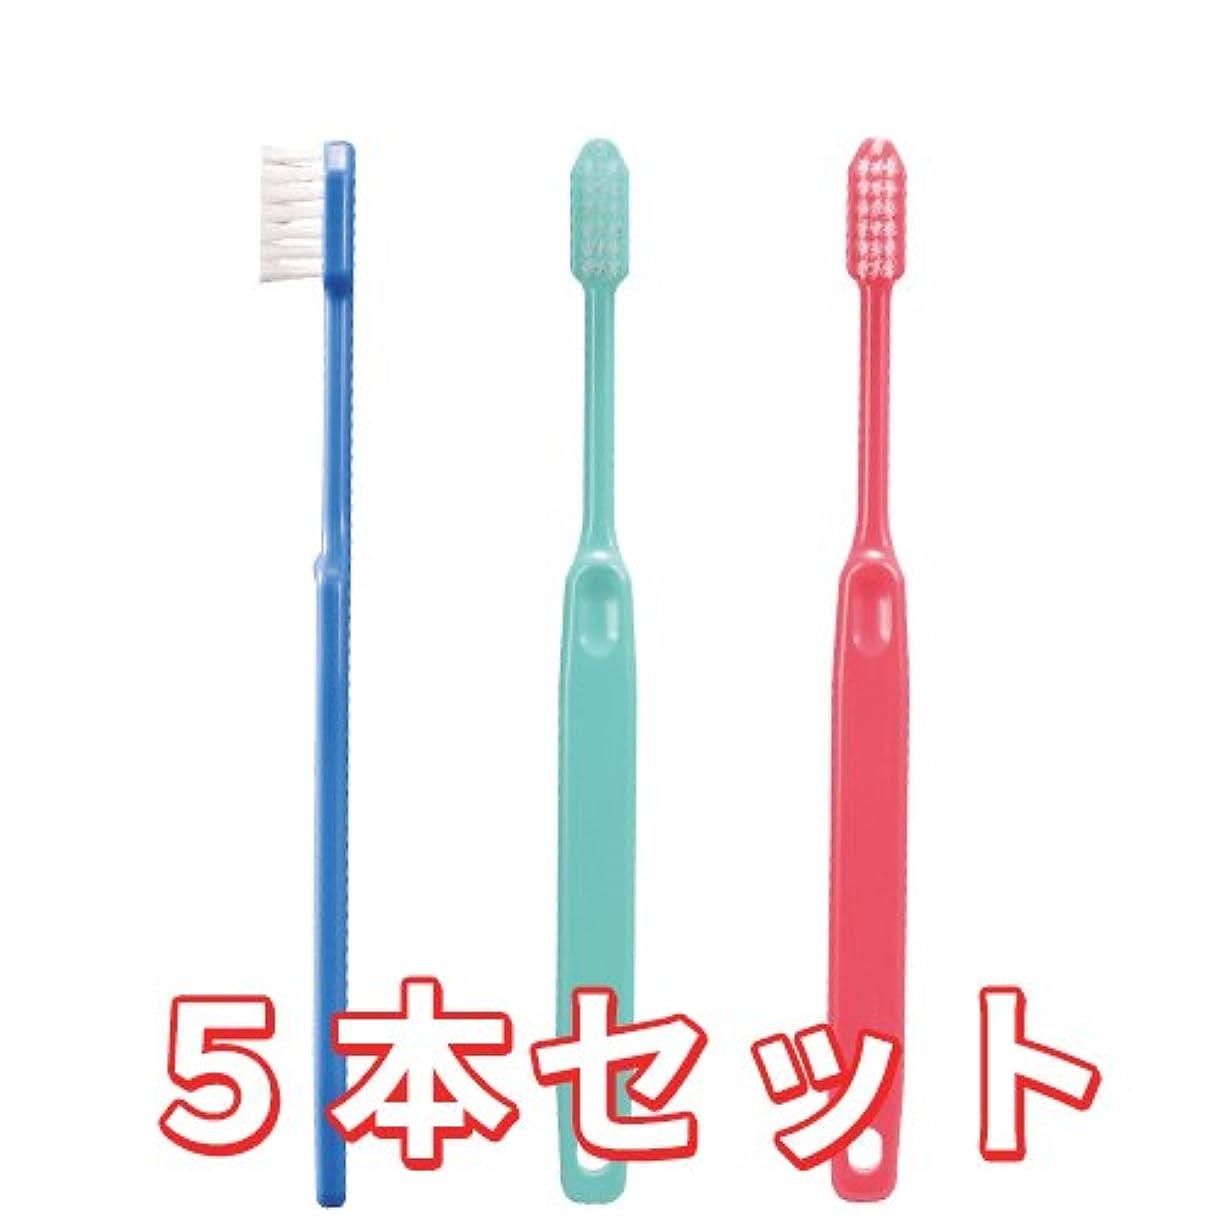 ビザアロング確かにCiメディカル 歯ブラシ コンパクトヘッド 疎毛タイプ アソート 5本 (Ci25(やわらかめ))